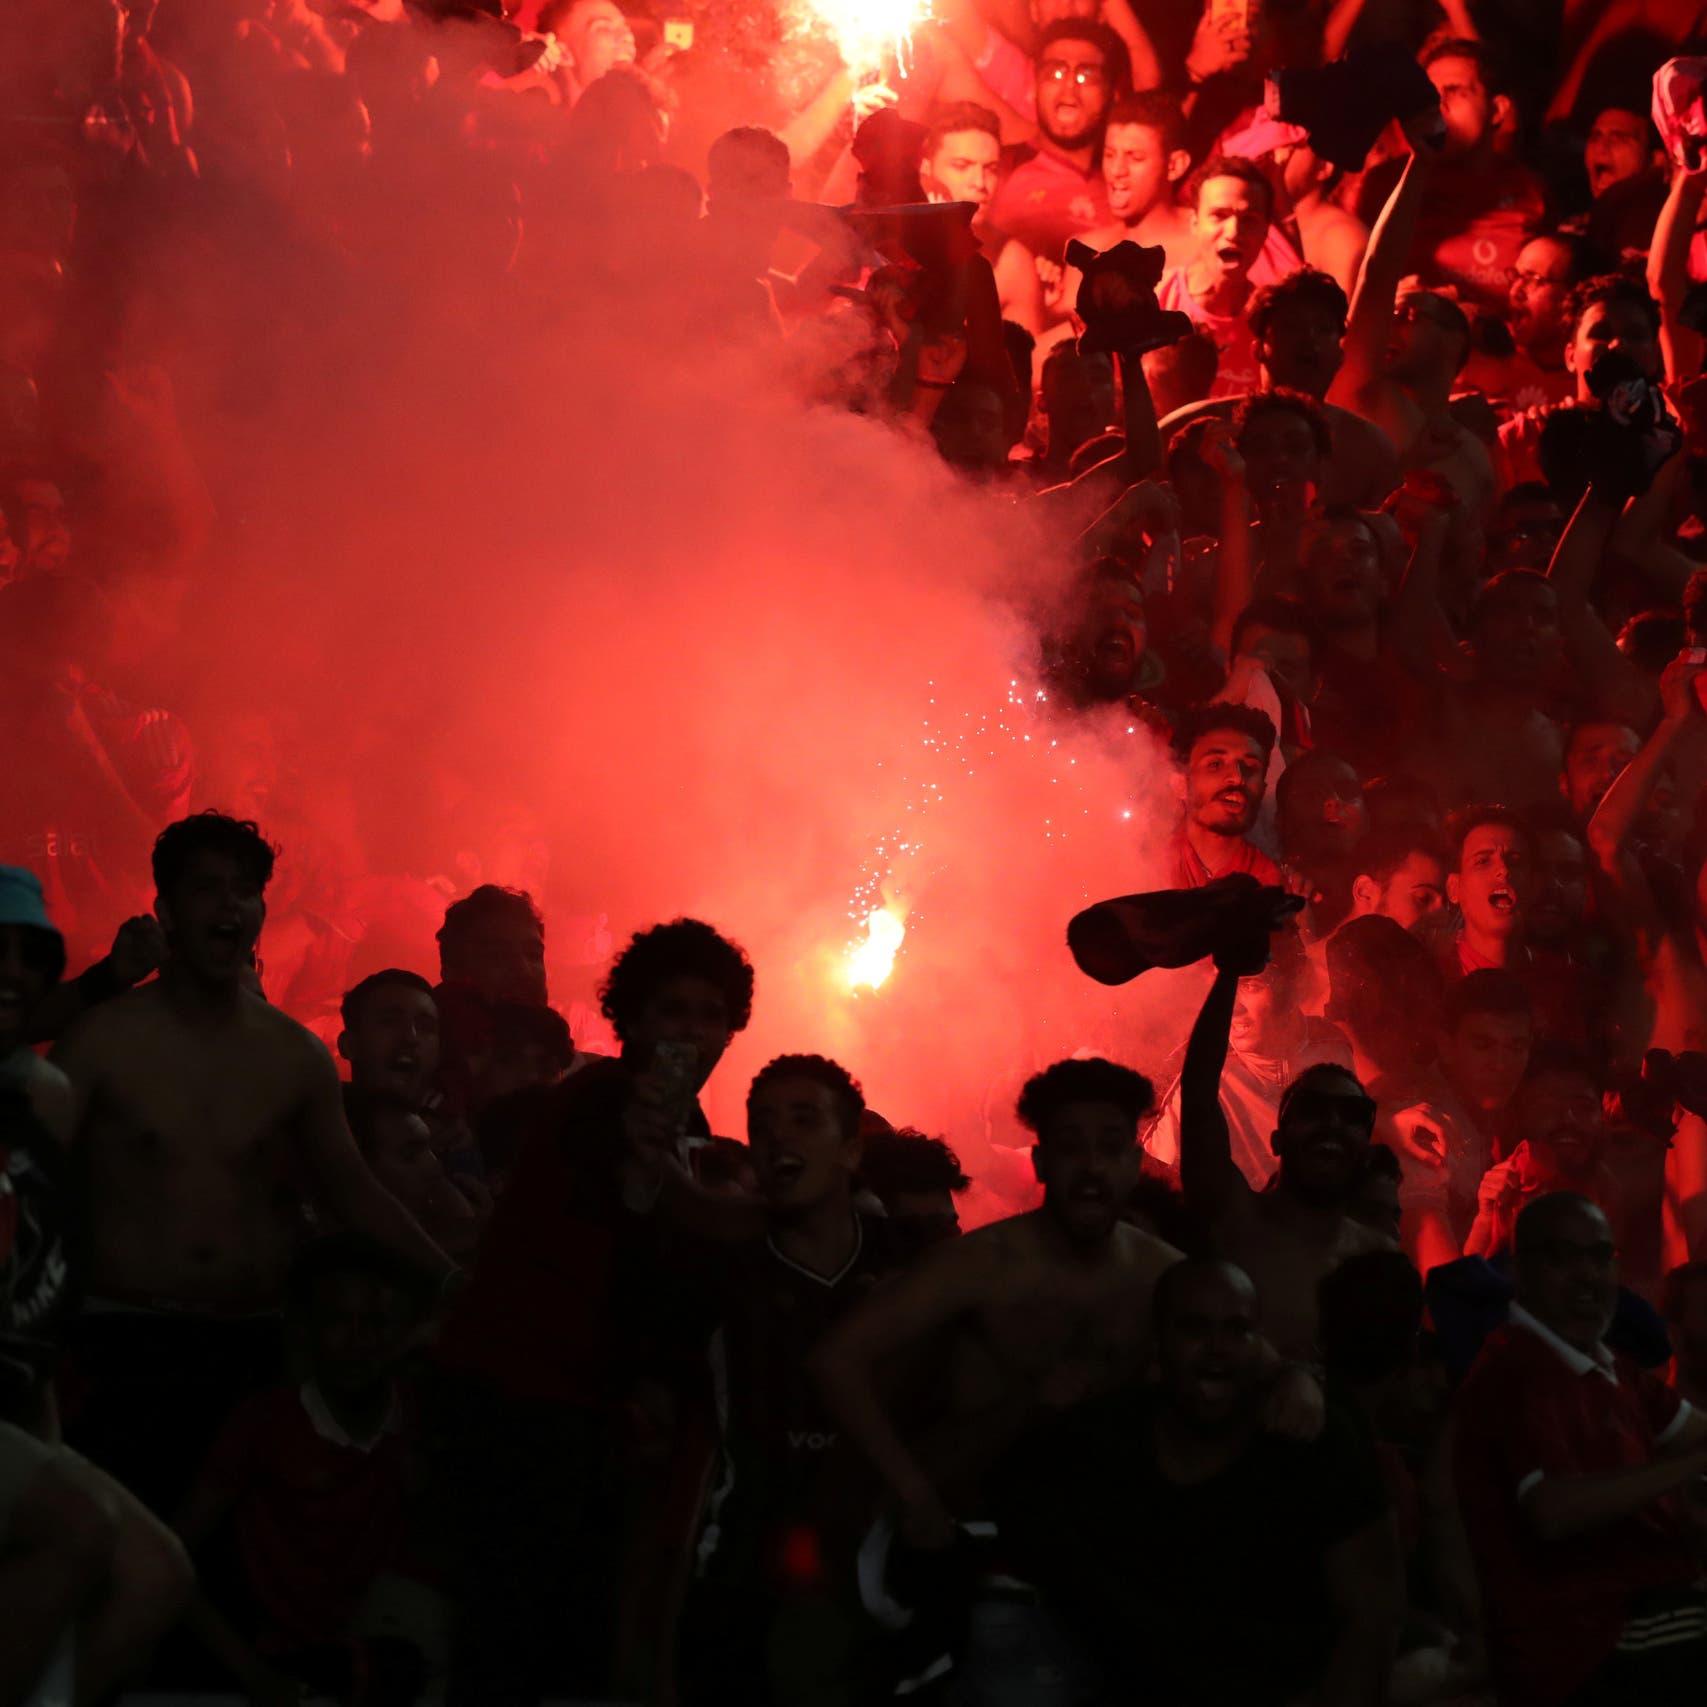 فشل ذريع لحملة الإخوان المنظمة ضد مصر واستقرارها